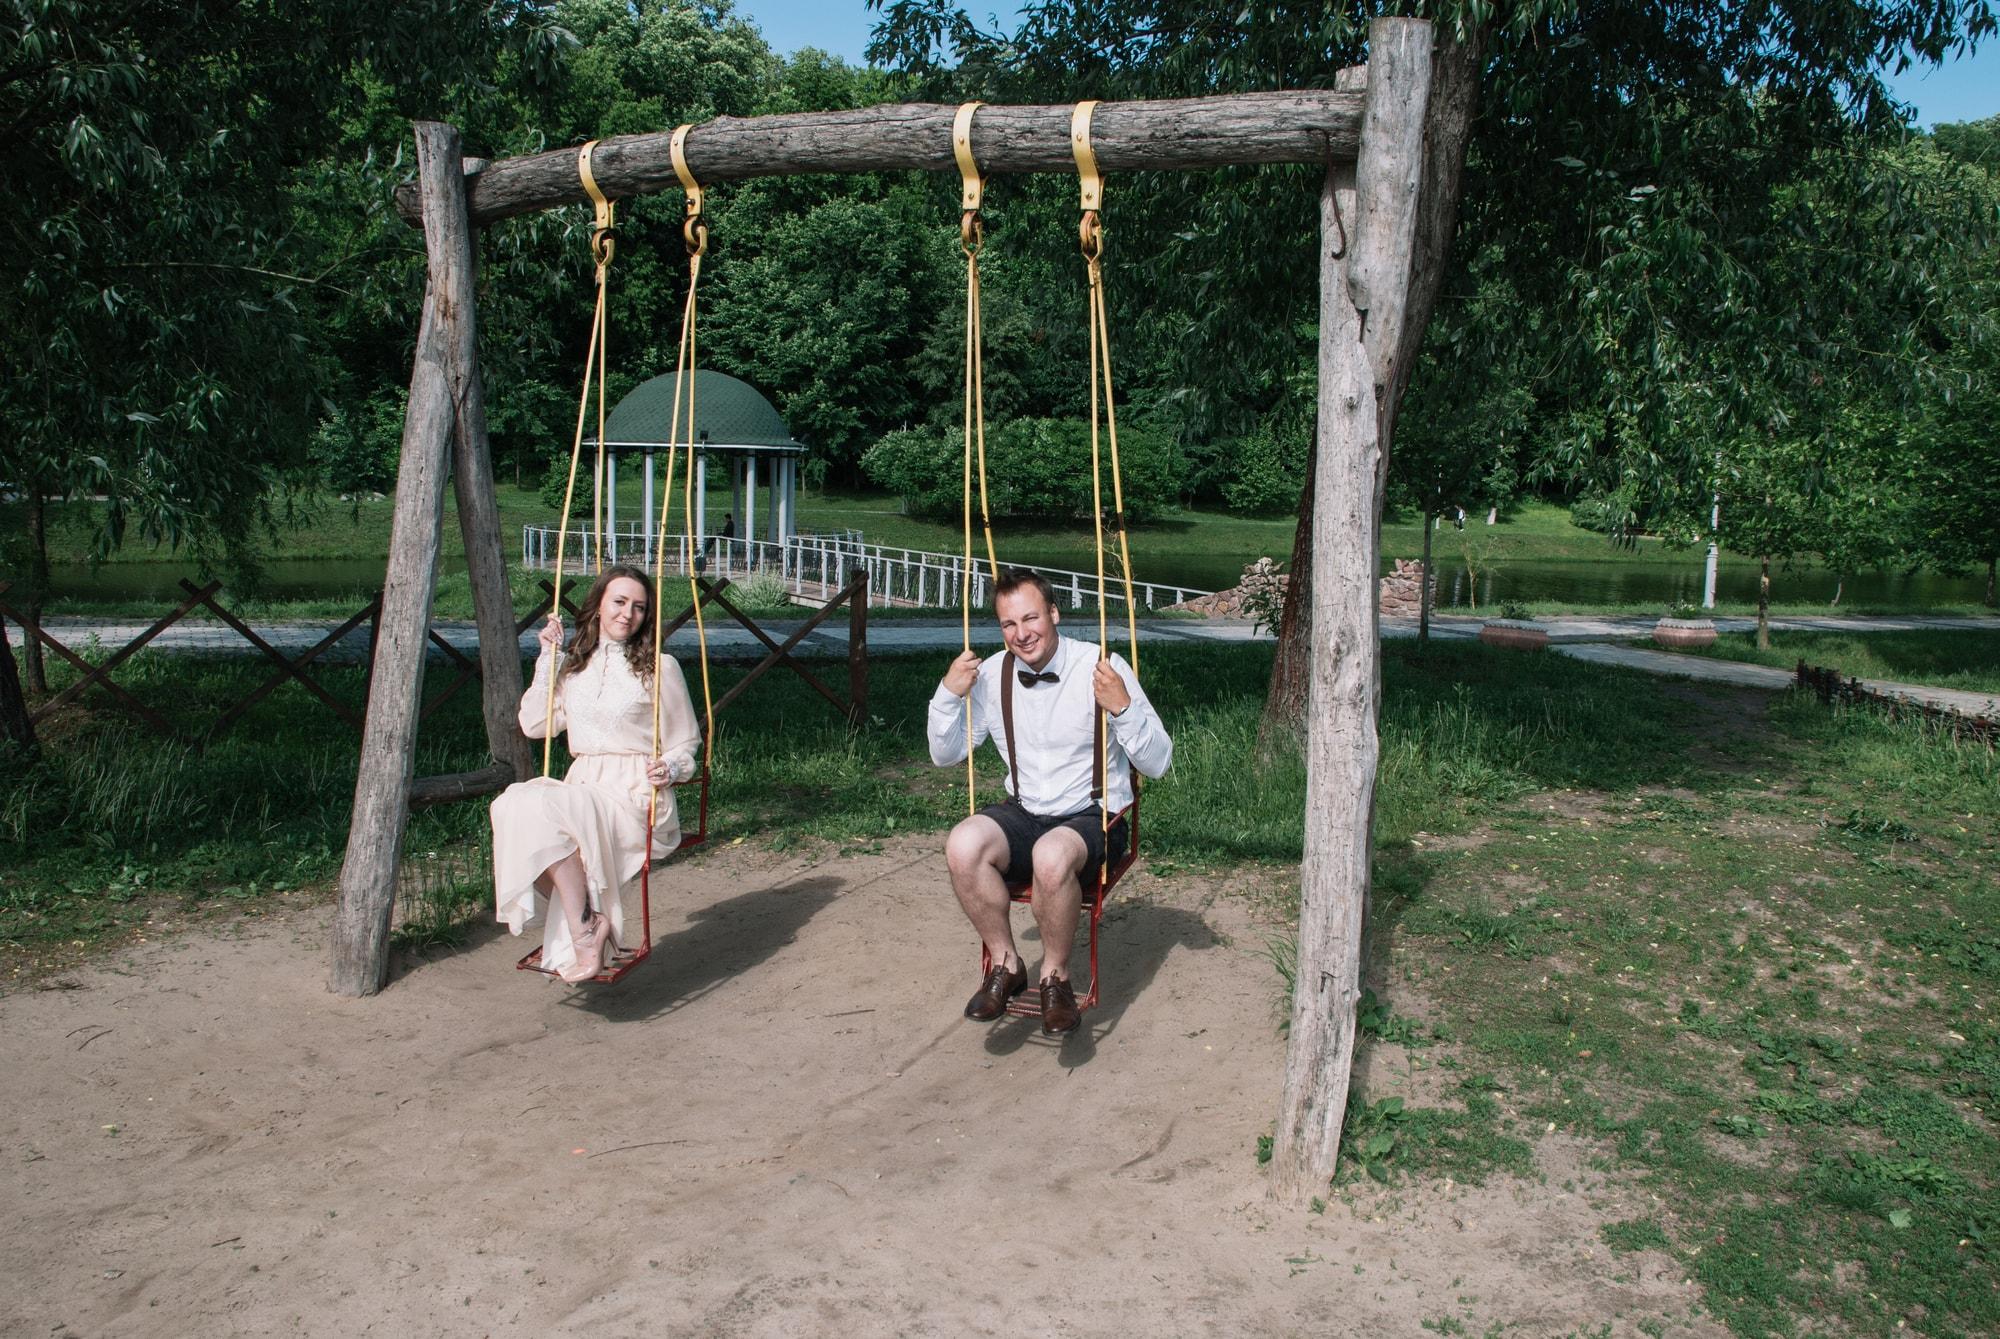 Влюбленные на качелях - Фотограф Киев - Женя Лайт